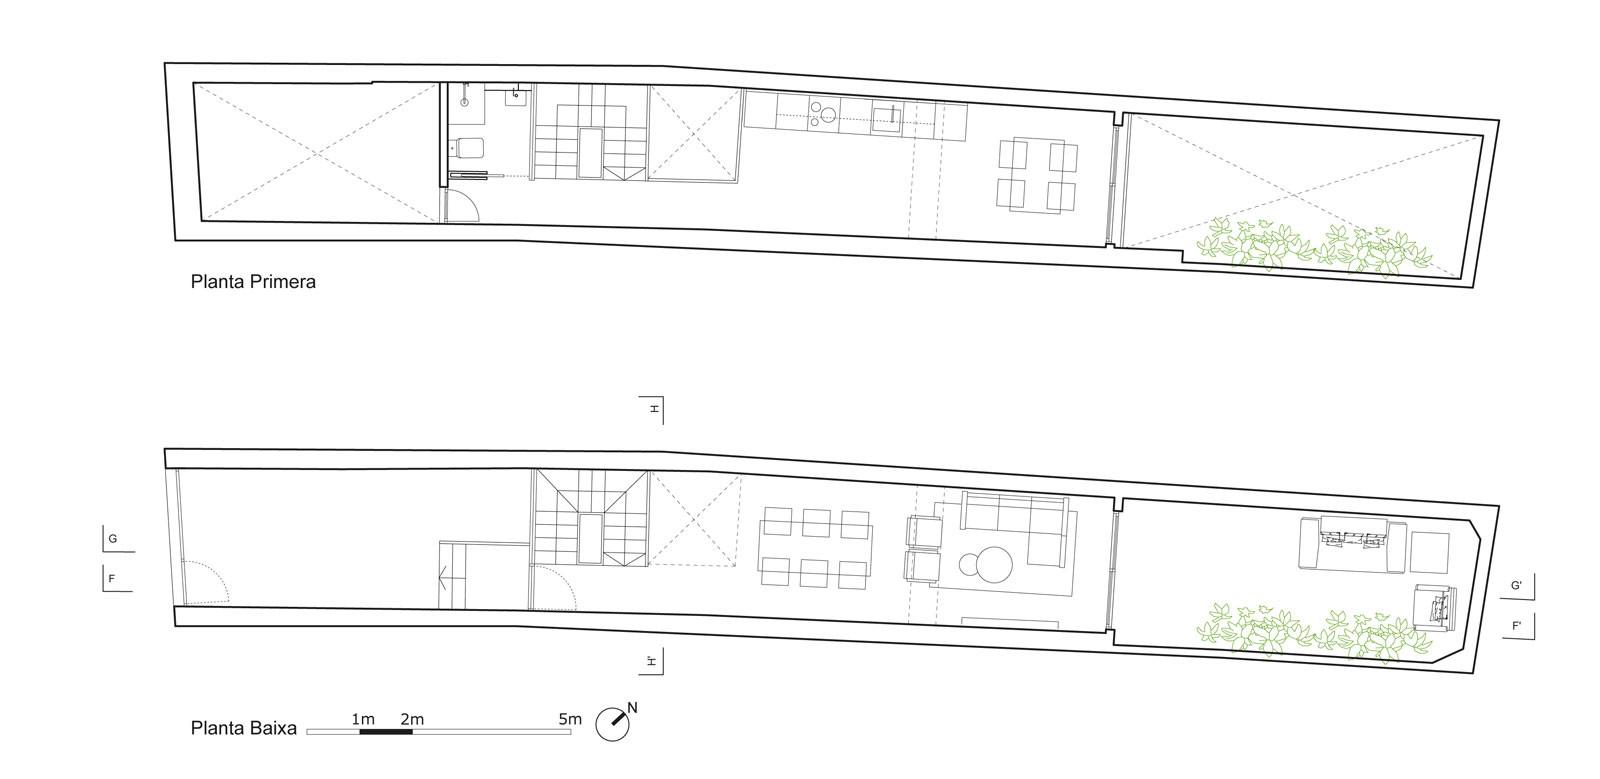 c-pou-proposta-PINE-02'baixa.jpg